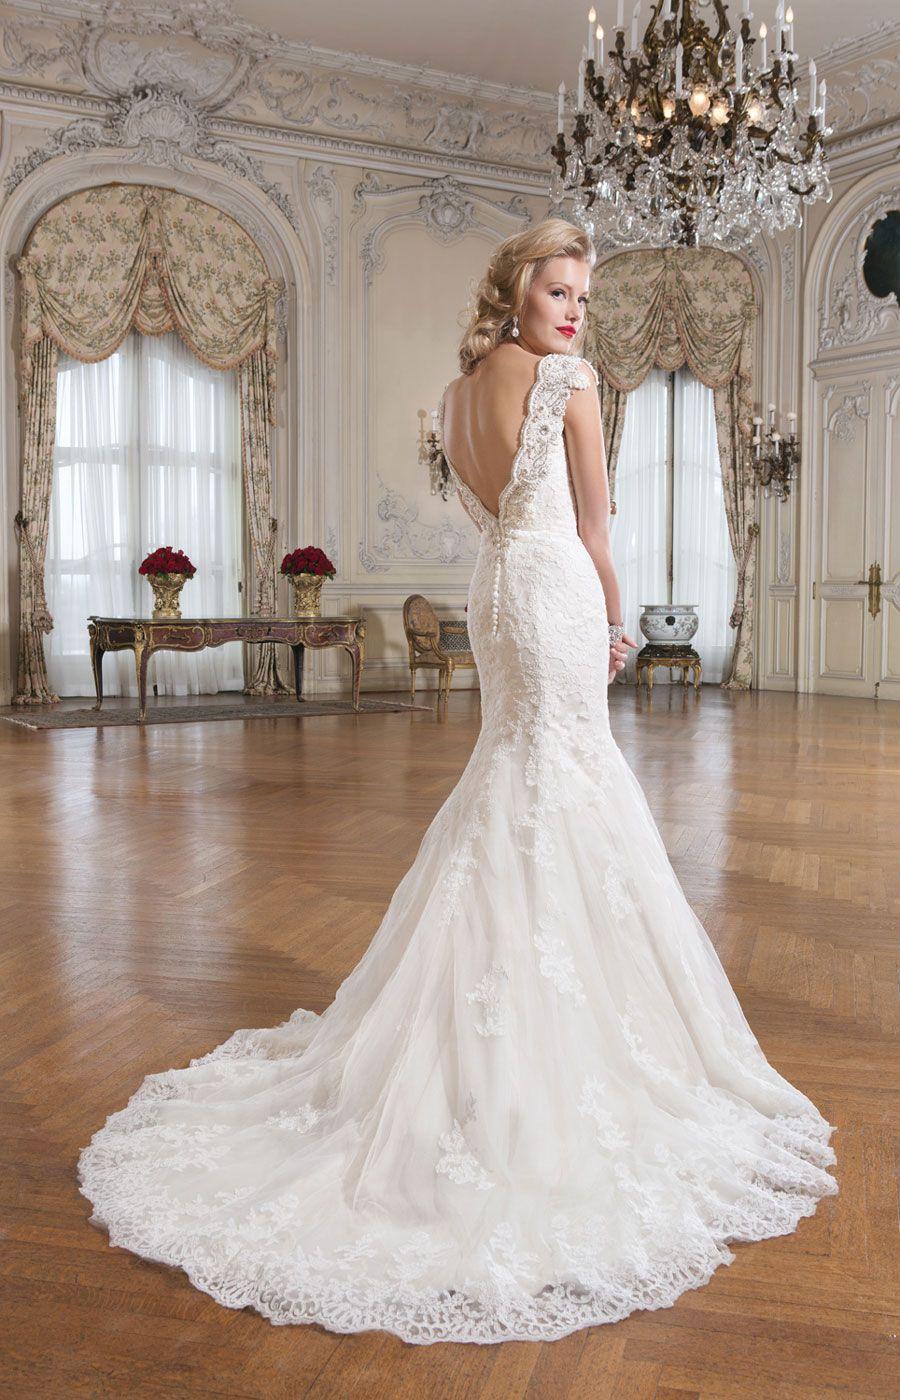 Екатерина Булычёва, управляющая салоном «Флер д'Оранж». Оригинальное свадебное платье выделяется выразительным кружевом и классическим кроем